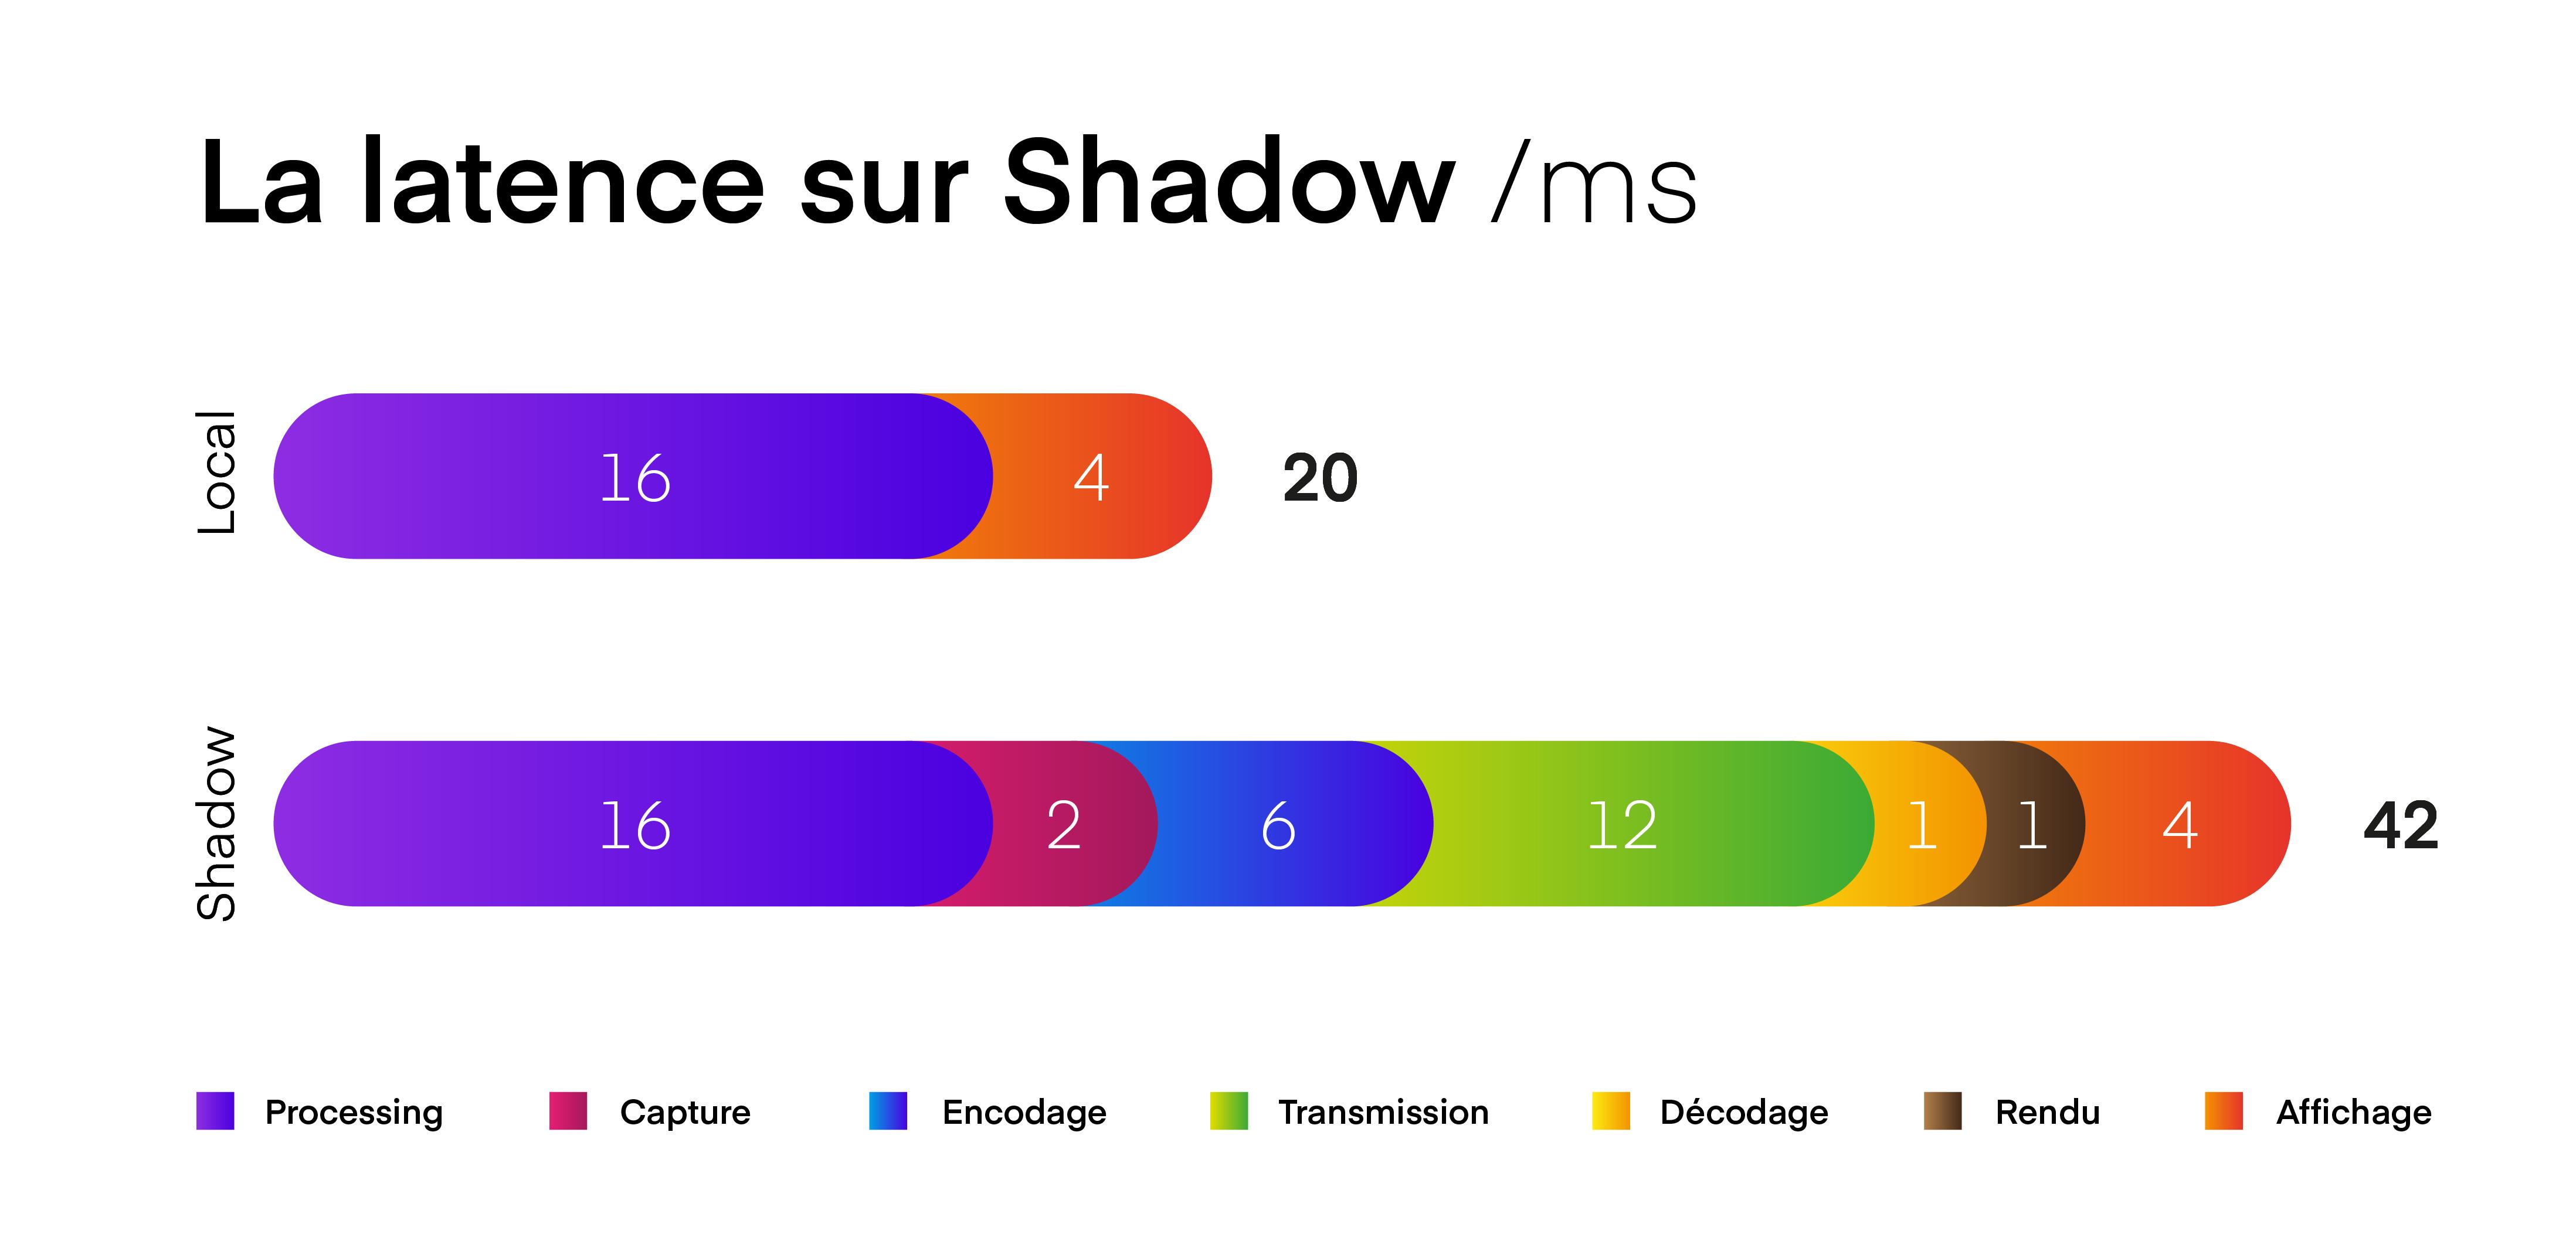 Comparaison de latence entre un PC local et Shadow